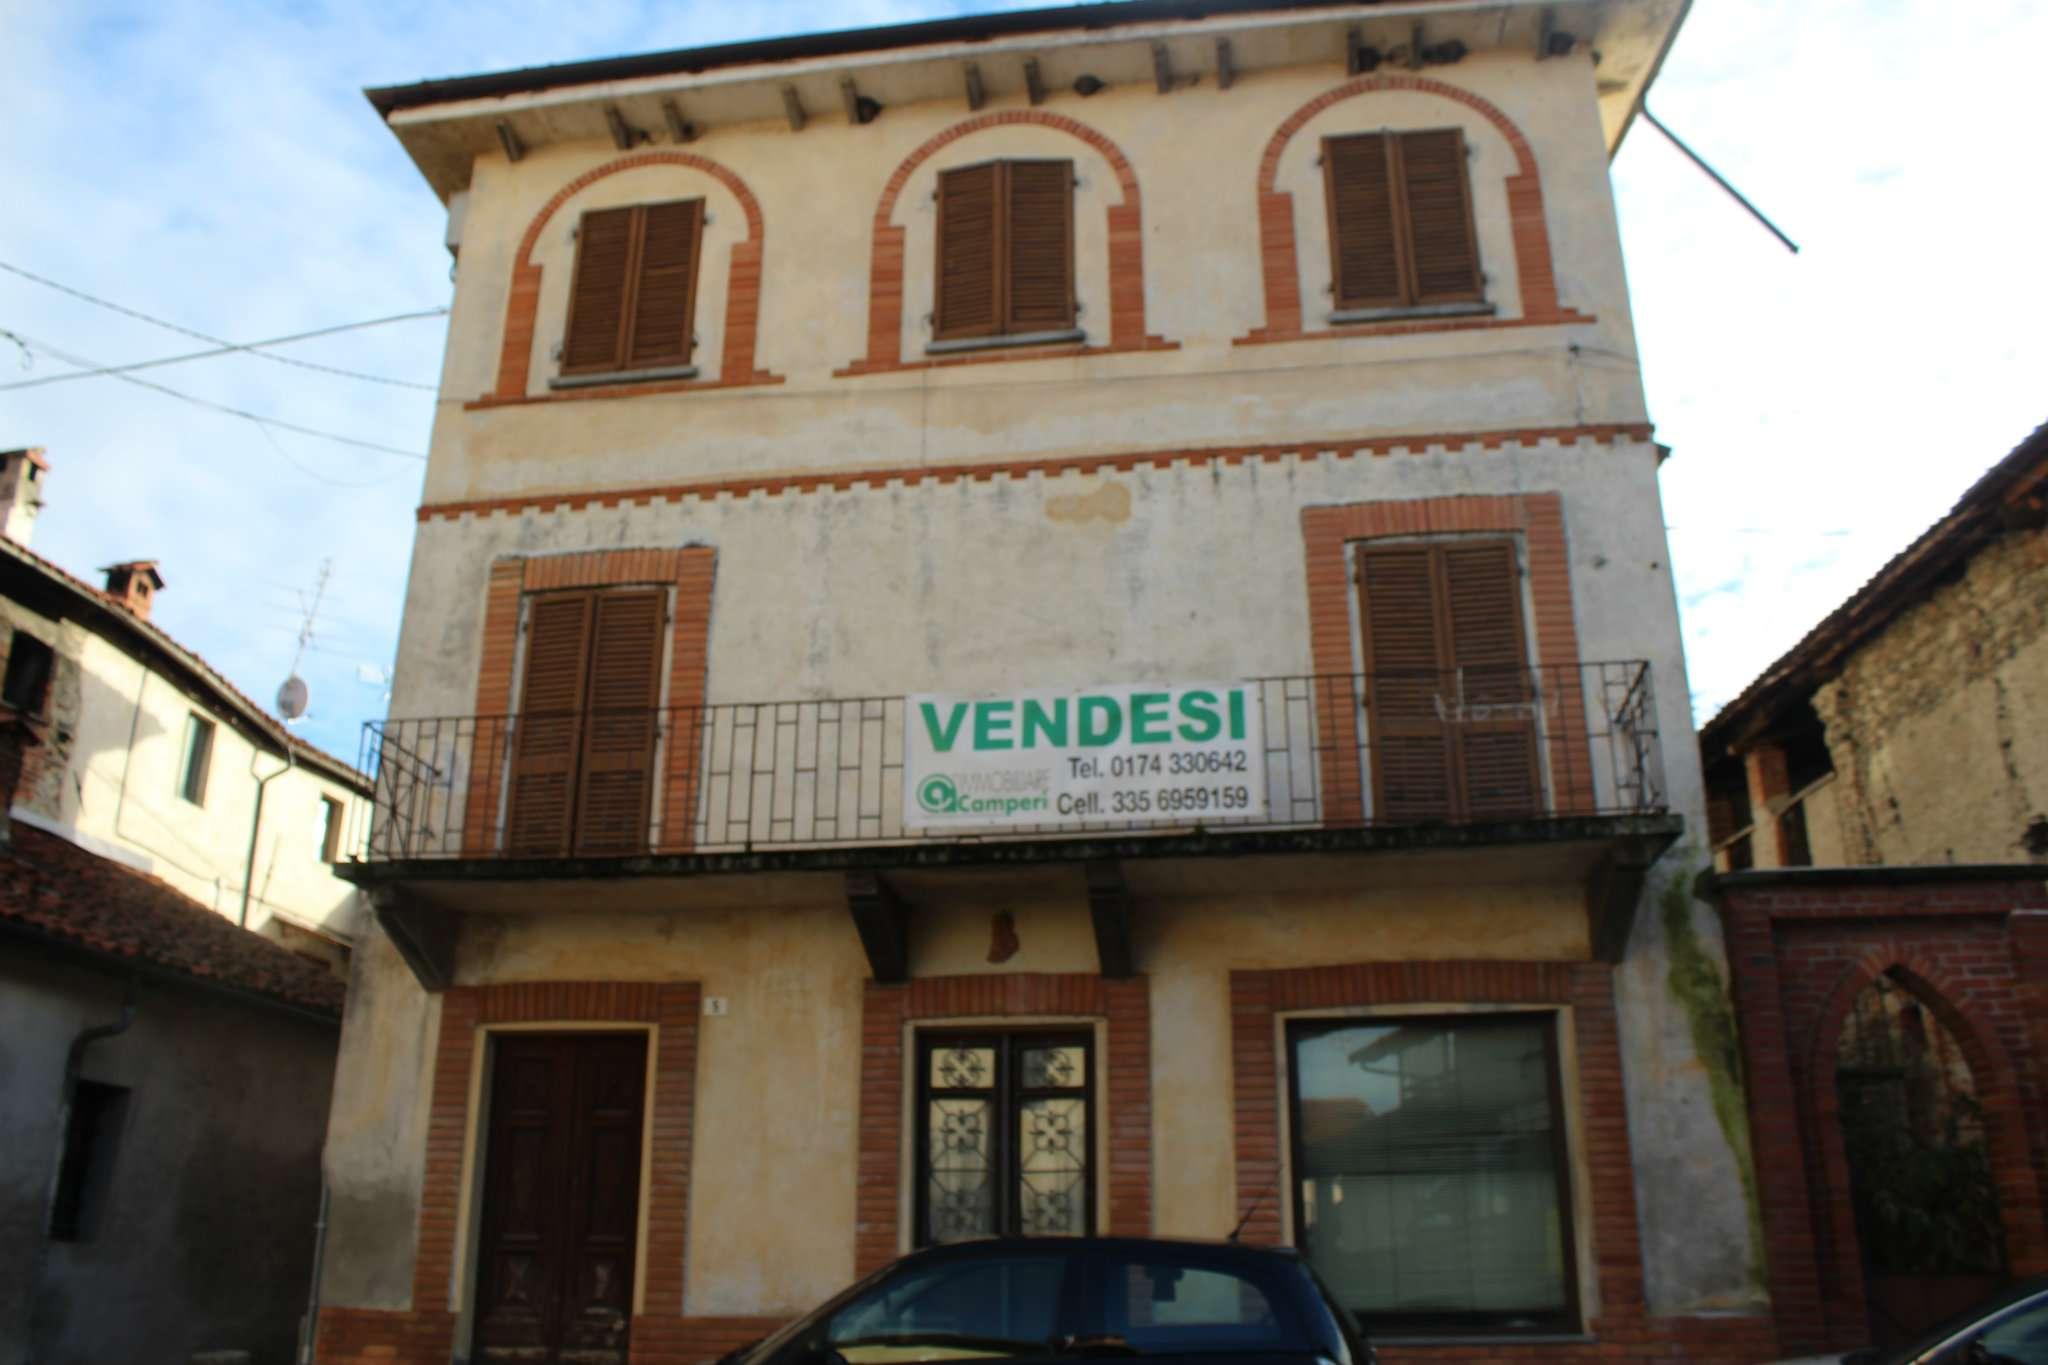 Soluzione Indipendente in vendita a Margarita, 12 locali, prezzo € 108.000 | CambioCasa.it